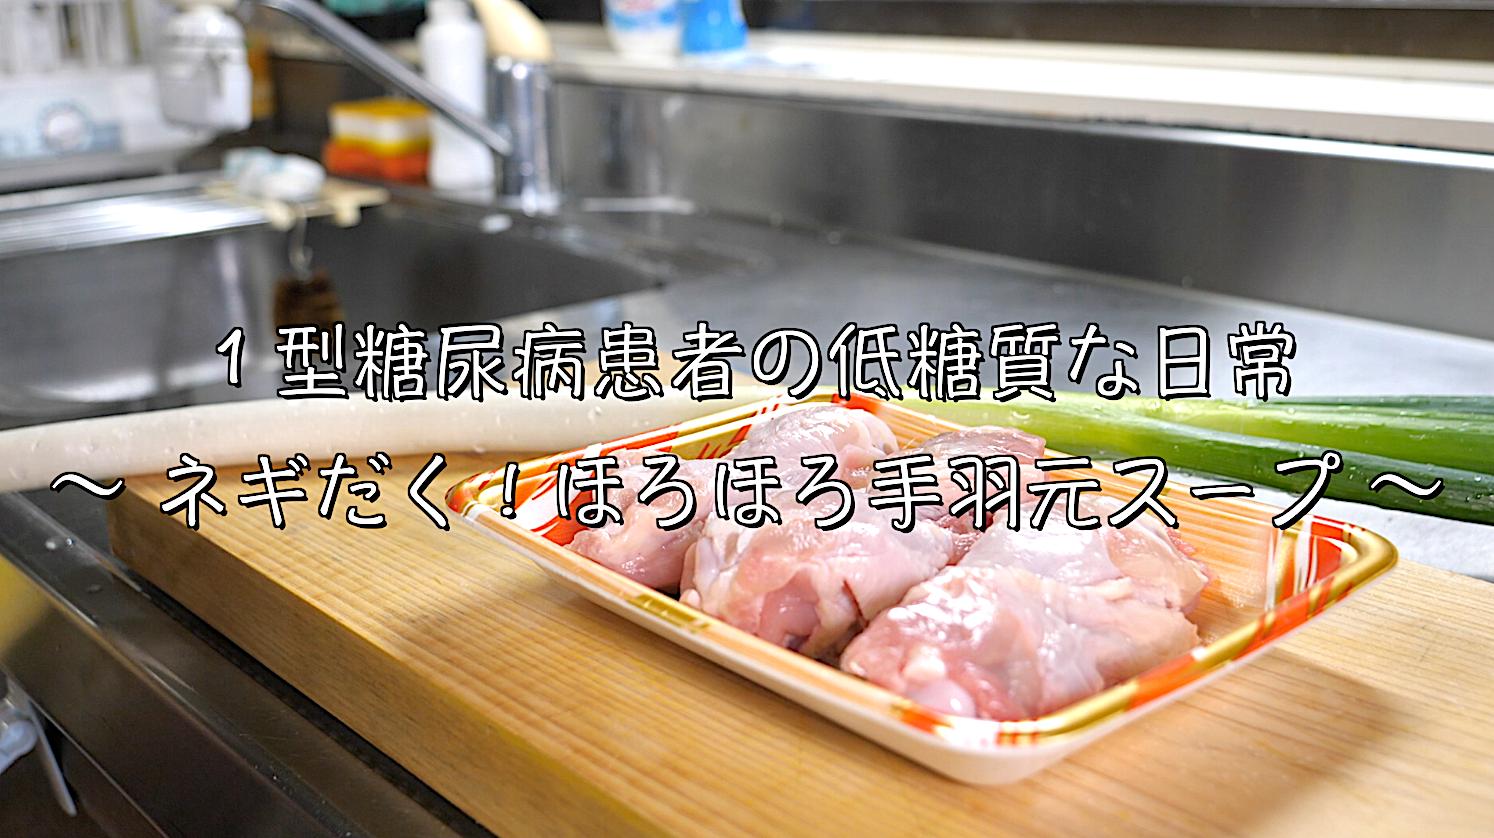 手羽元 煮込み レシピ 低糖質